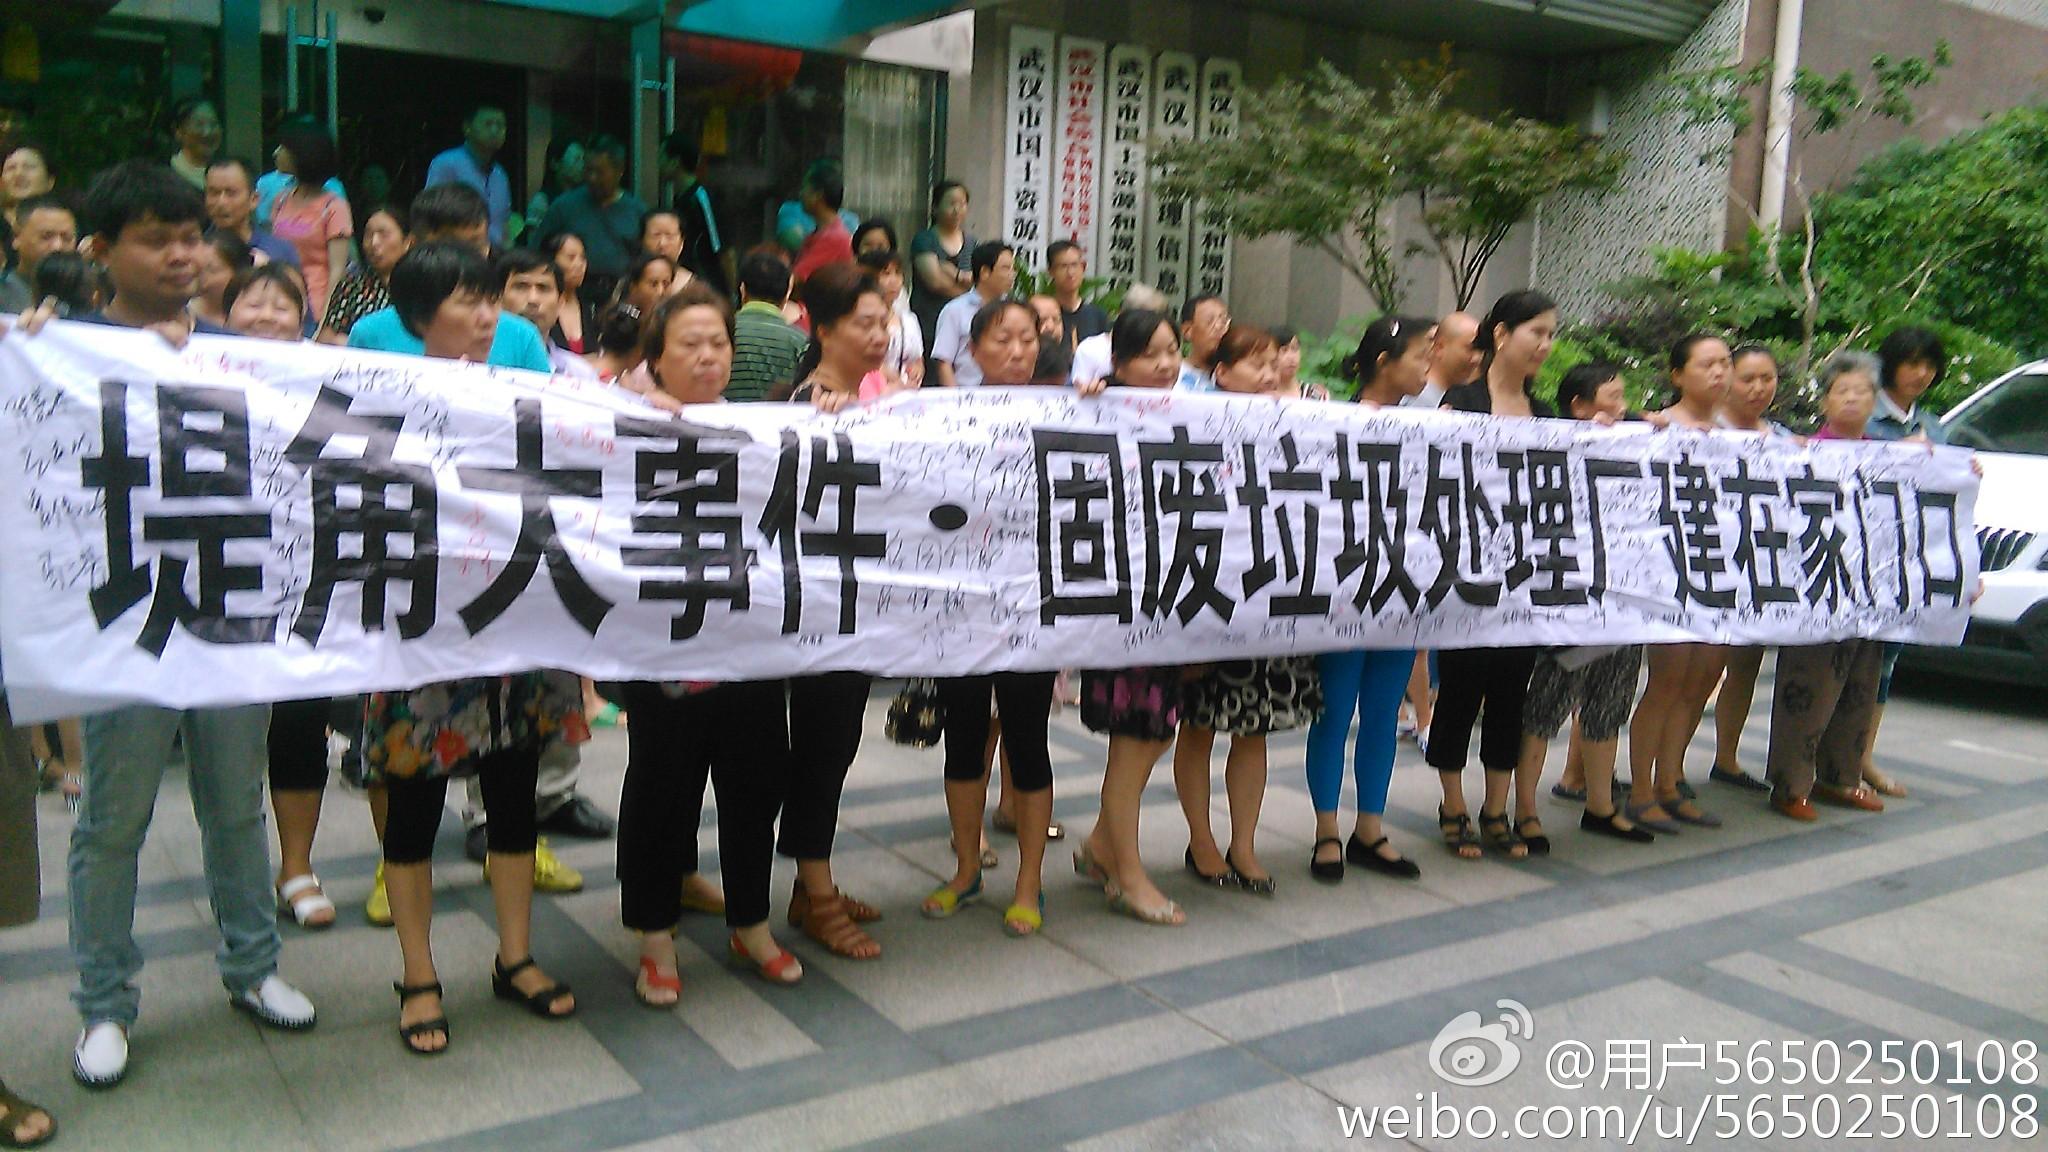 图片: 因不满武汉当局在居民区修建垃圾场,上百名市民游行到市政府集会抗议。 (推特/@wickedonnaa)